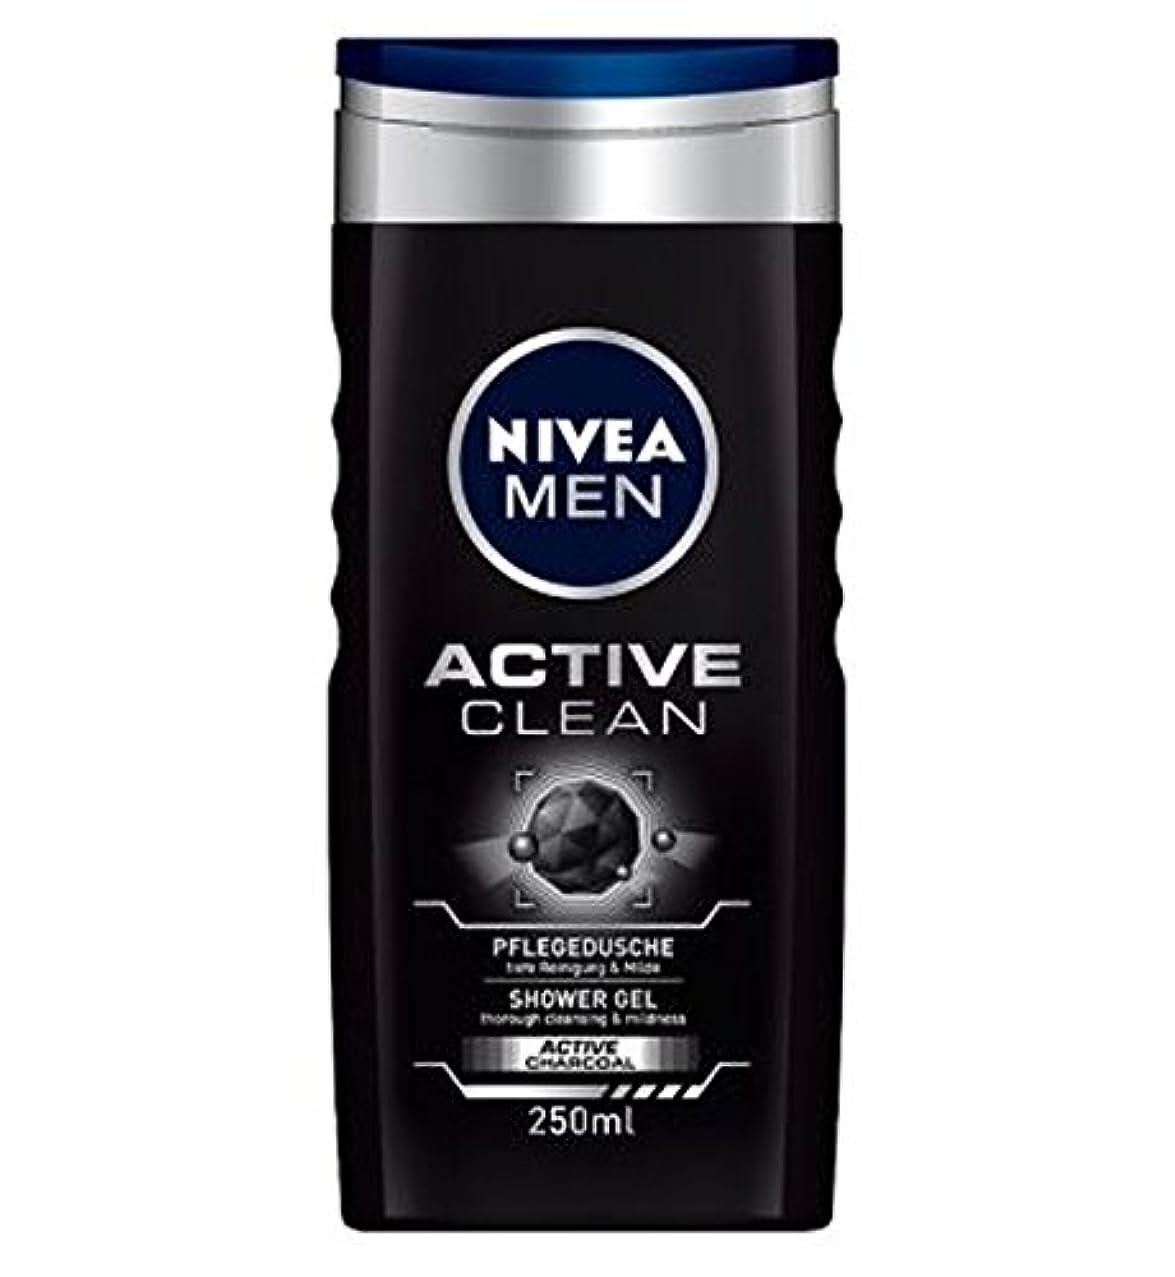 一次武装解除詐欺師ニベアの男性アクティブクリーンシャワージェル250ミリリットル (Nivea) (x2) - NIVEA MEN Active Clean Shower Gel 250ml (Pack of 2) [並行輸入品]